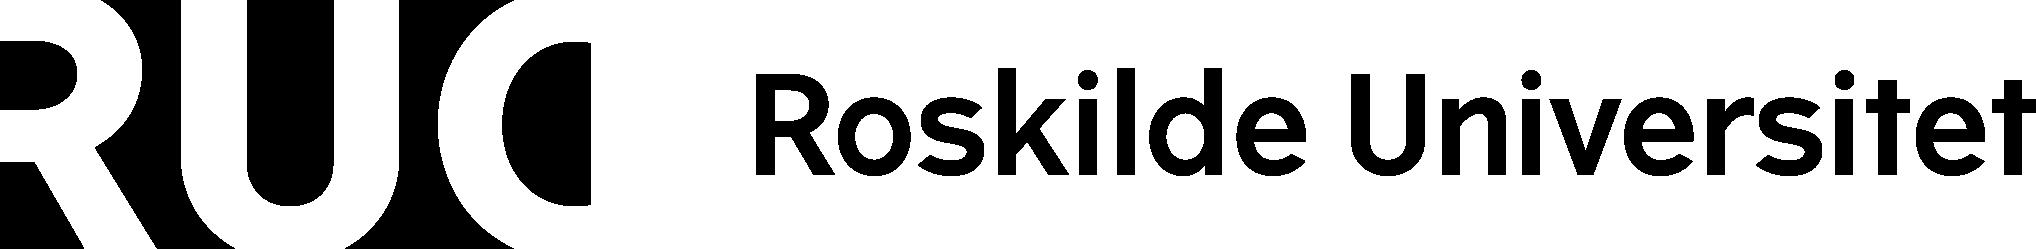 Roskilde Universitet Logo